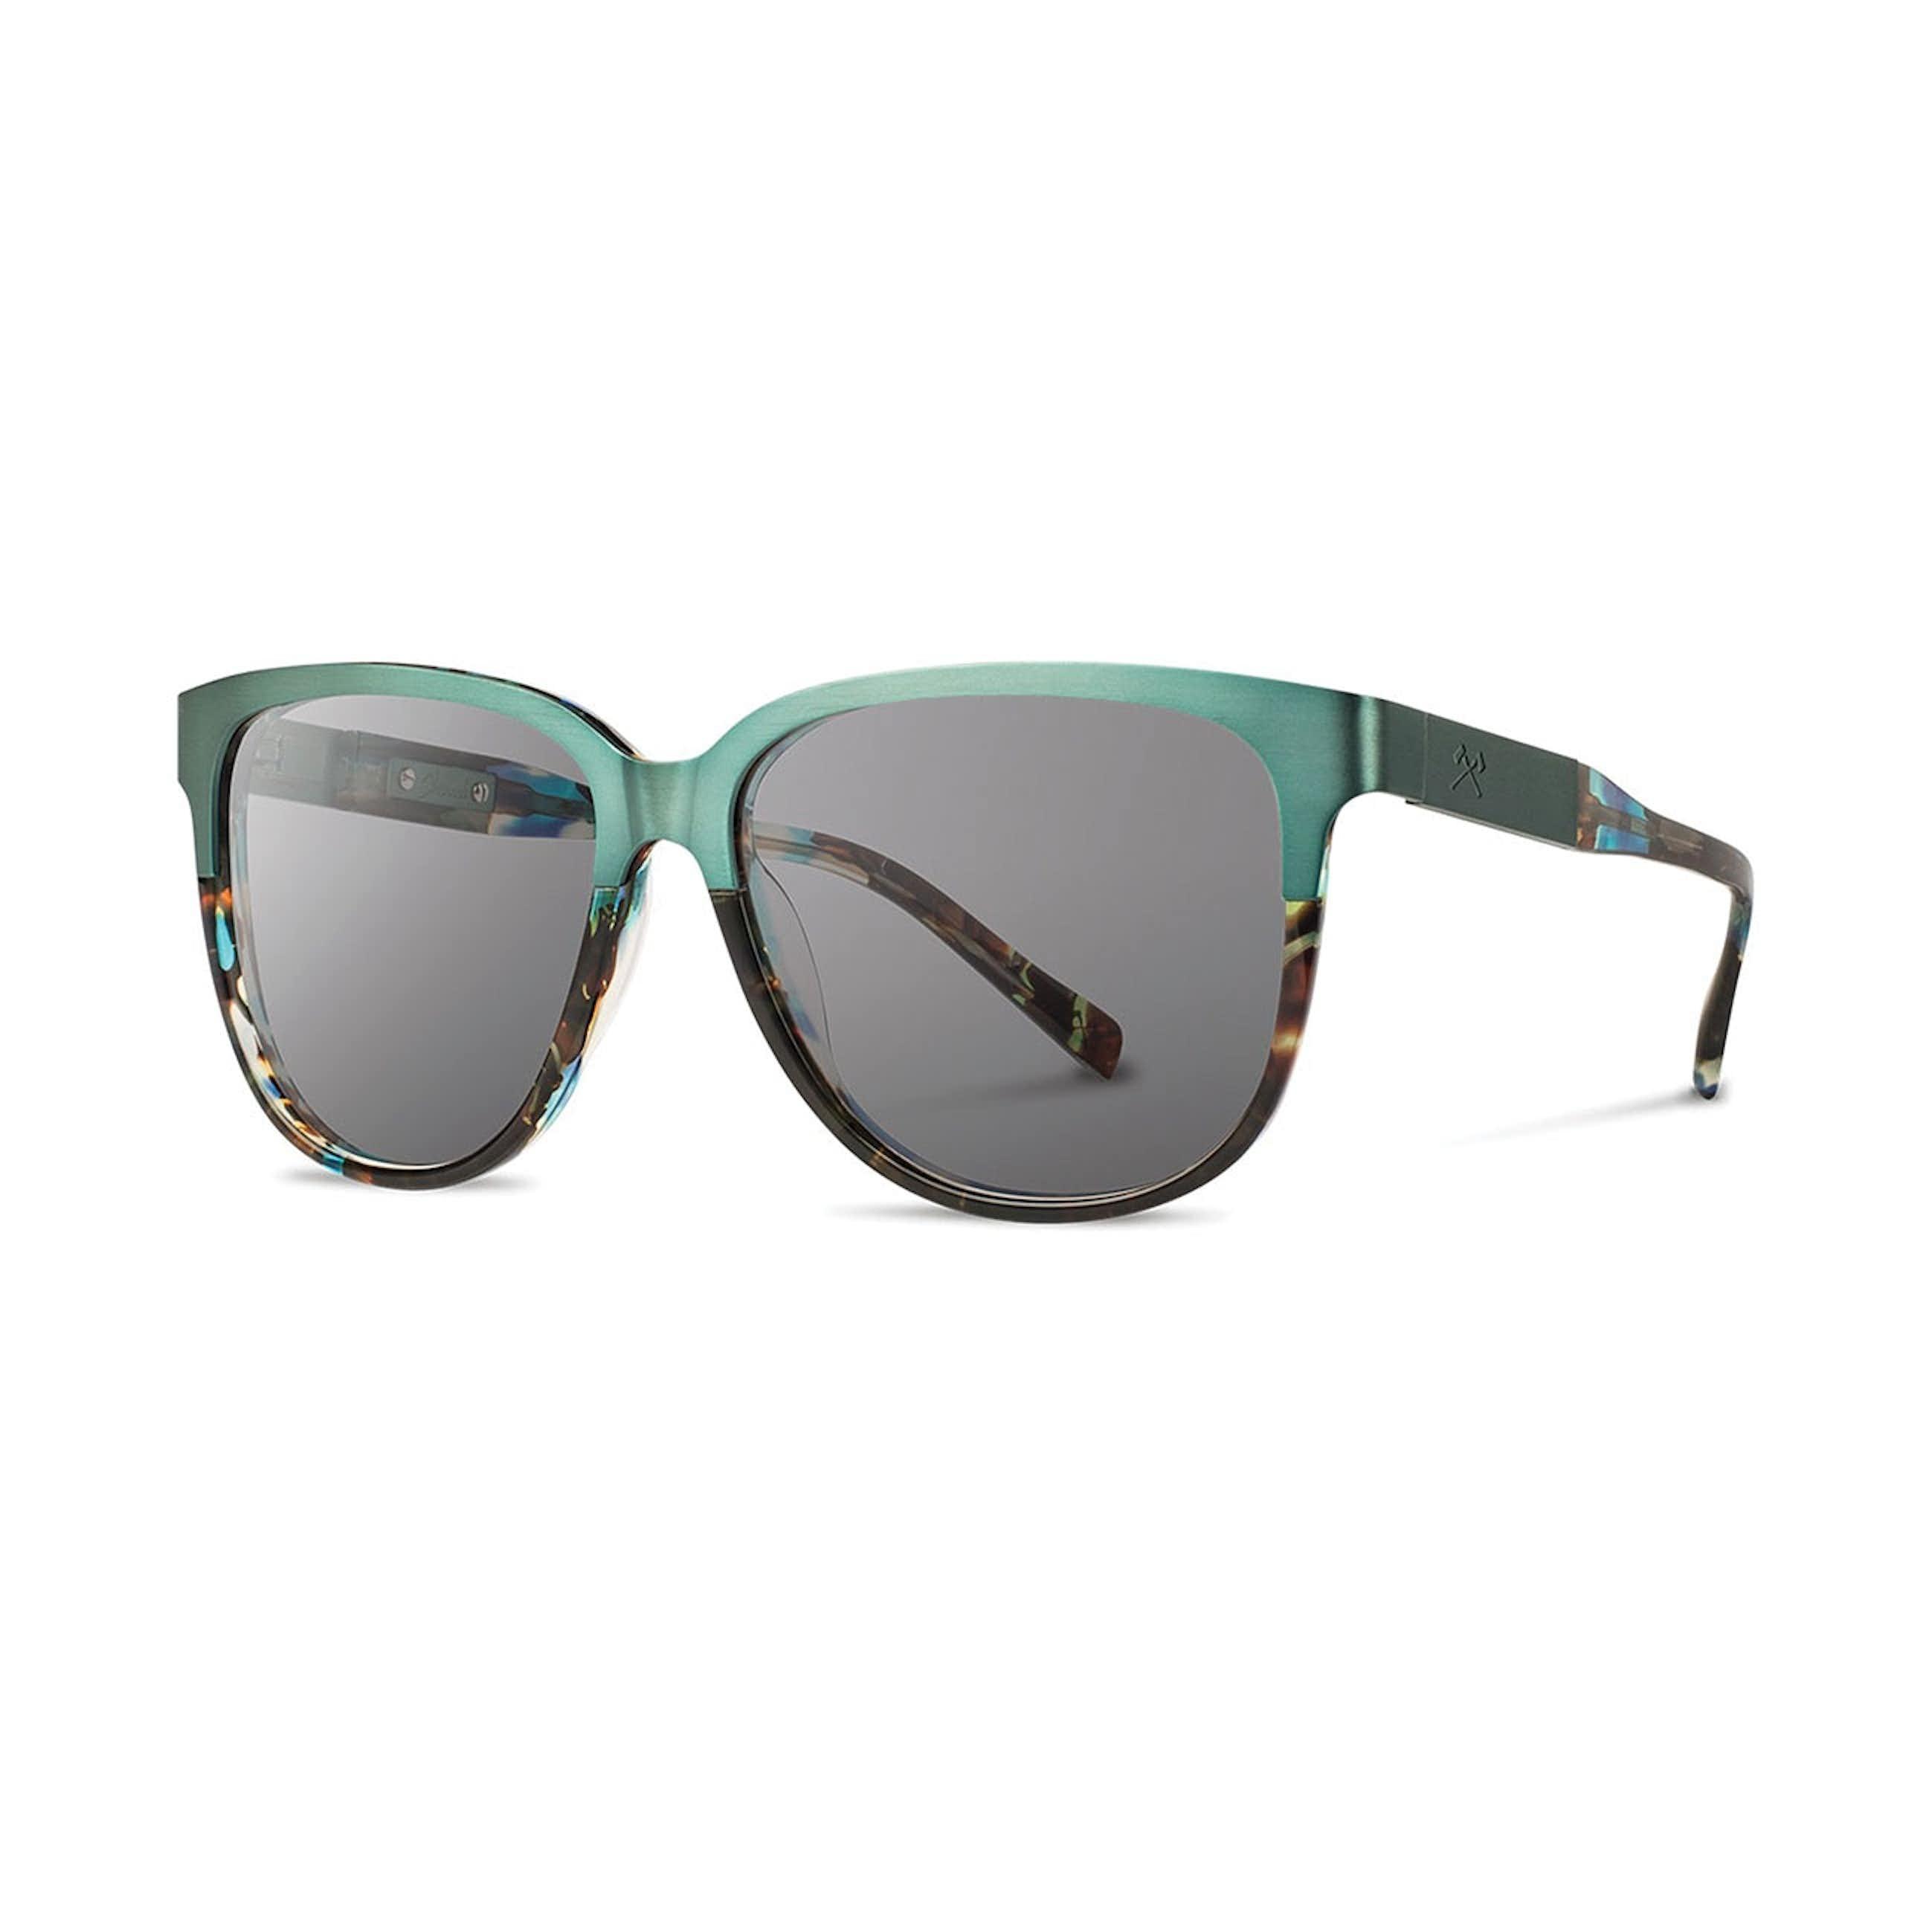 e80f75b8fc13 Womens Sunglasses   Snow Goggles